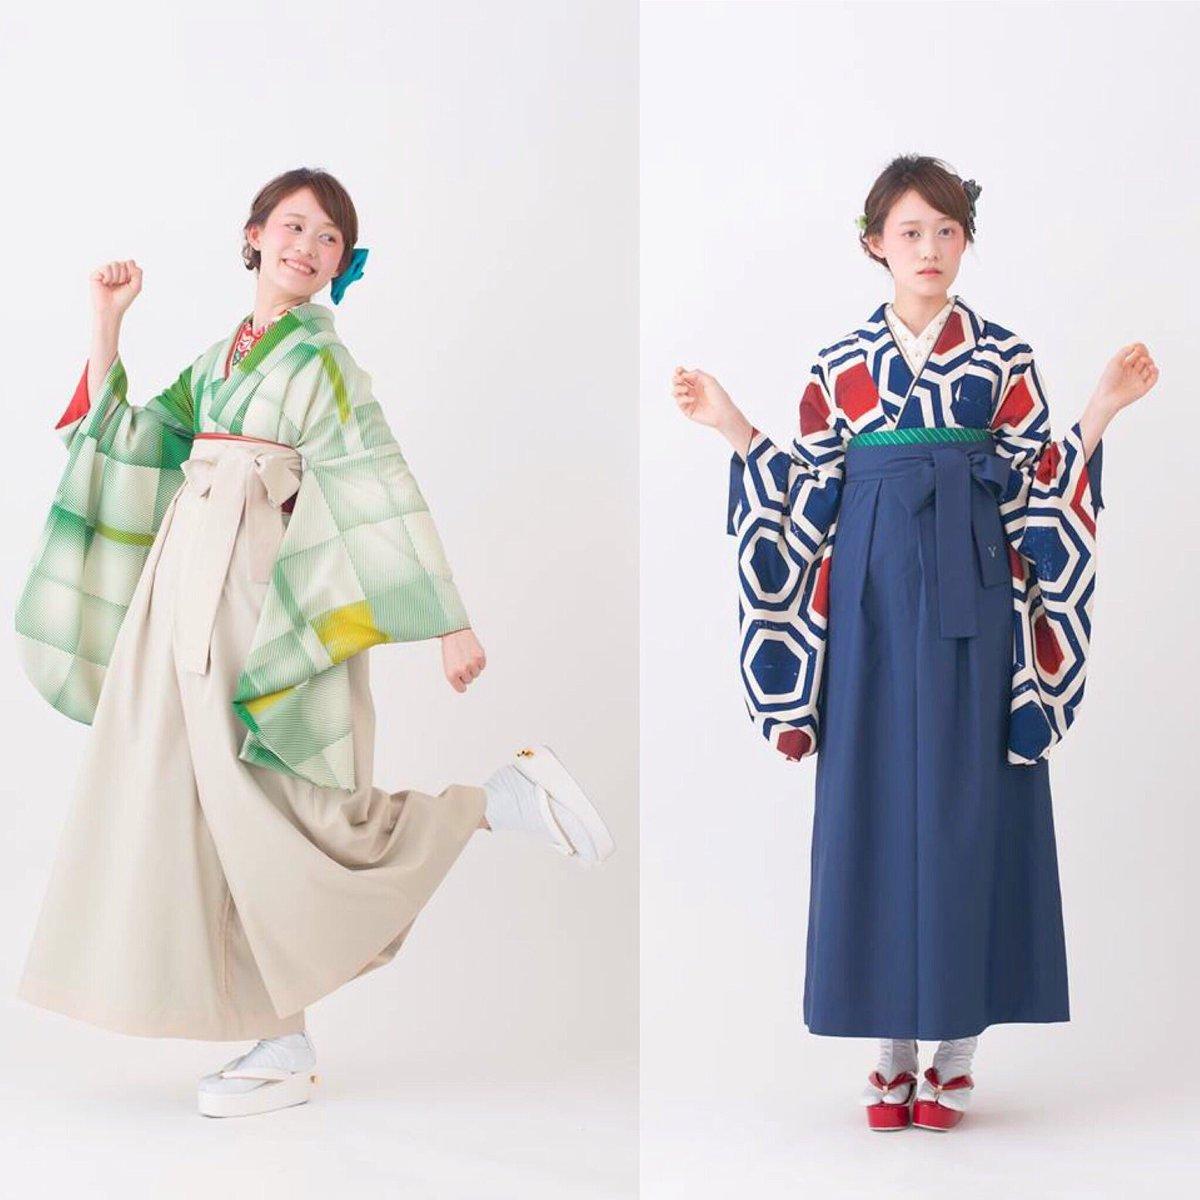 モダンアンテナの二尺袖と袴。 卒業式の準備はできていますか? https://t.co/9EkKHOet9c